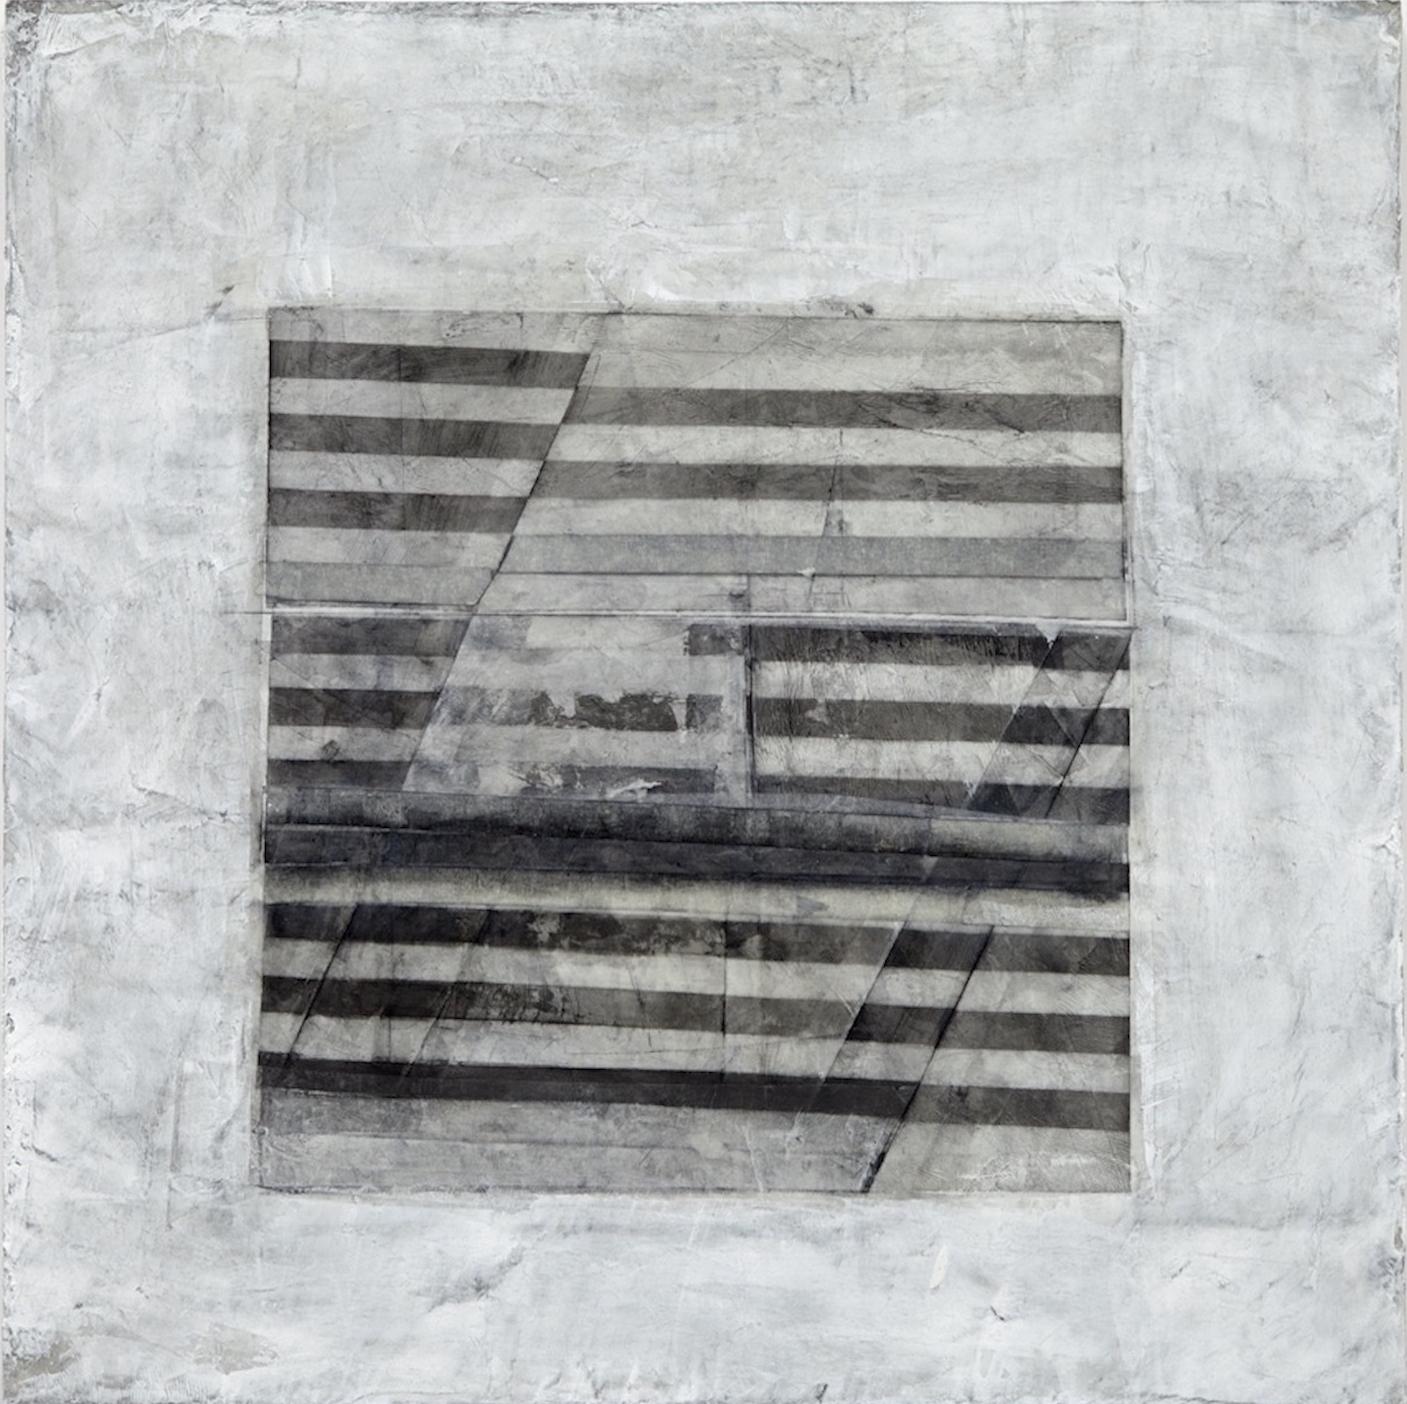 Stripe Series 3, No. 1, 2013